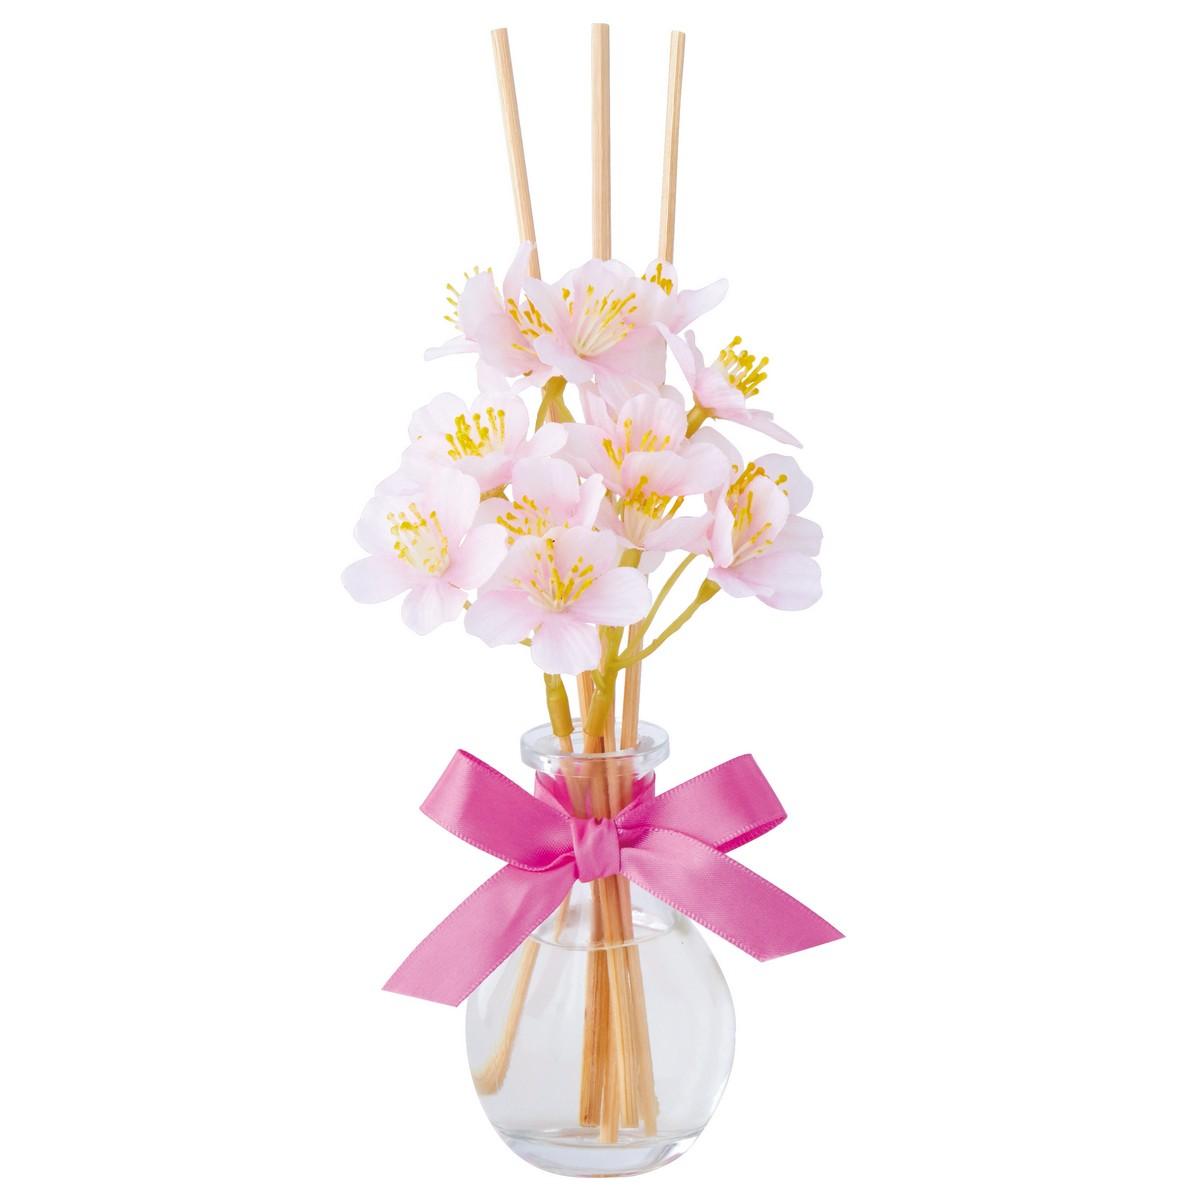 カメヤマ/桜しずくディフューザー パウダーピンク/PE317-05-7120【01】【取寄】[6個]《キャンドル リードディフューザー 完成品》